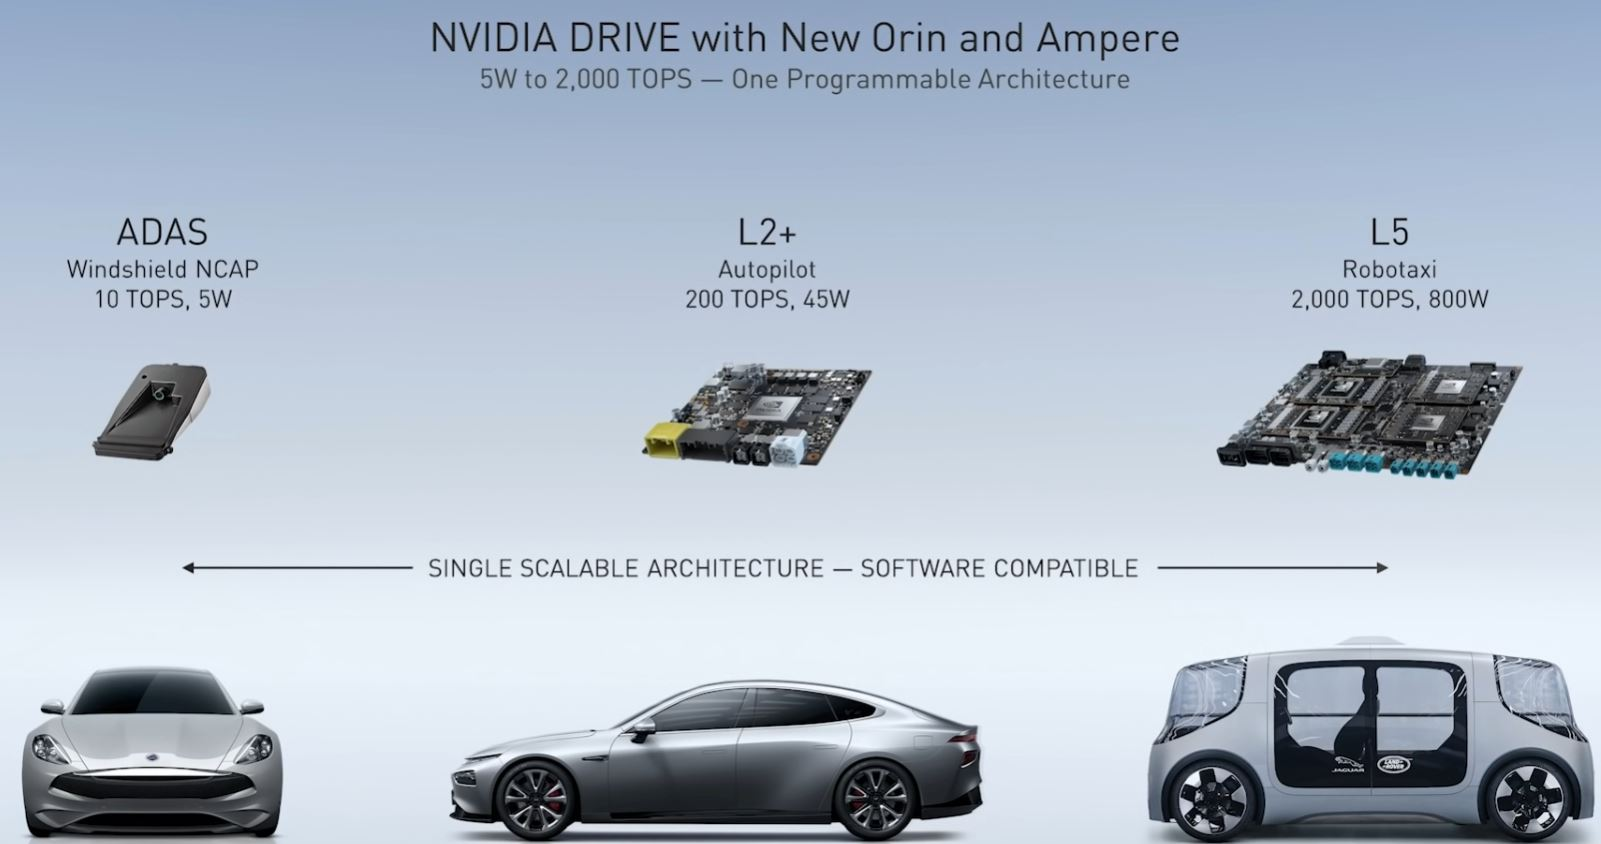 NVIDIA GTC China 2020 Bill Dally Orin Ampere